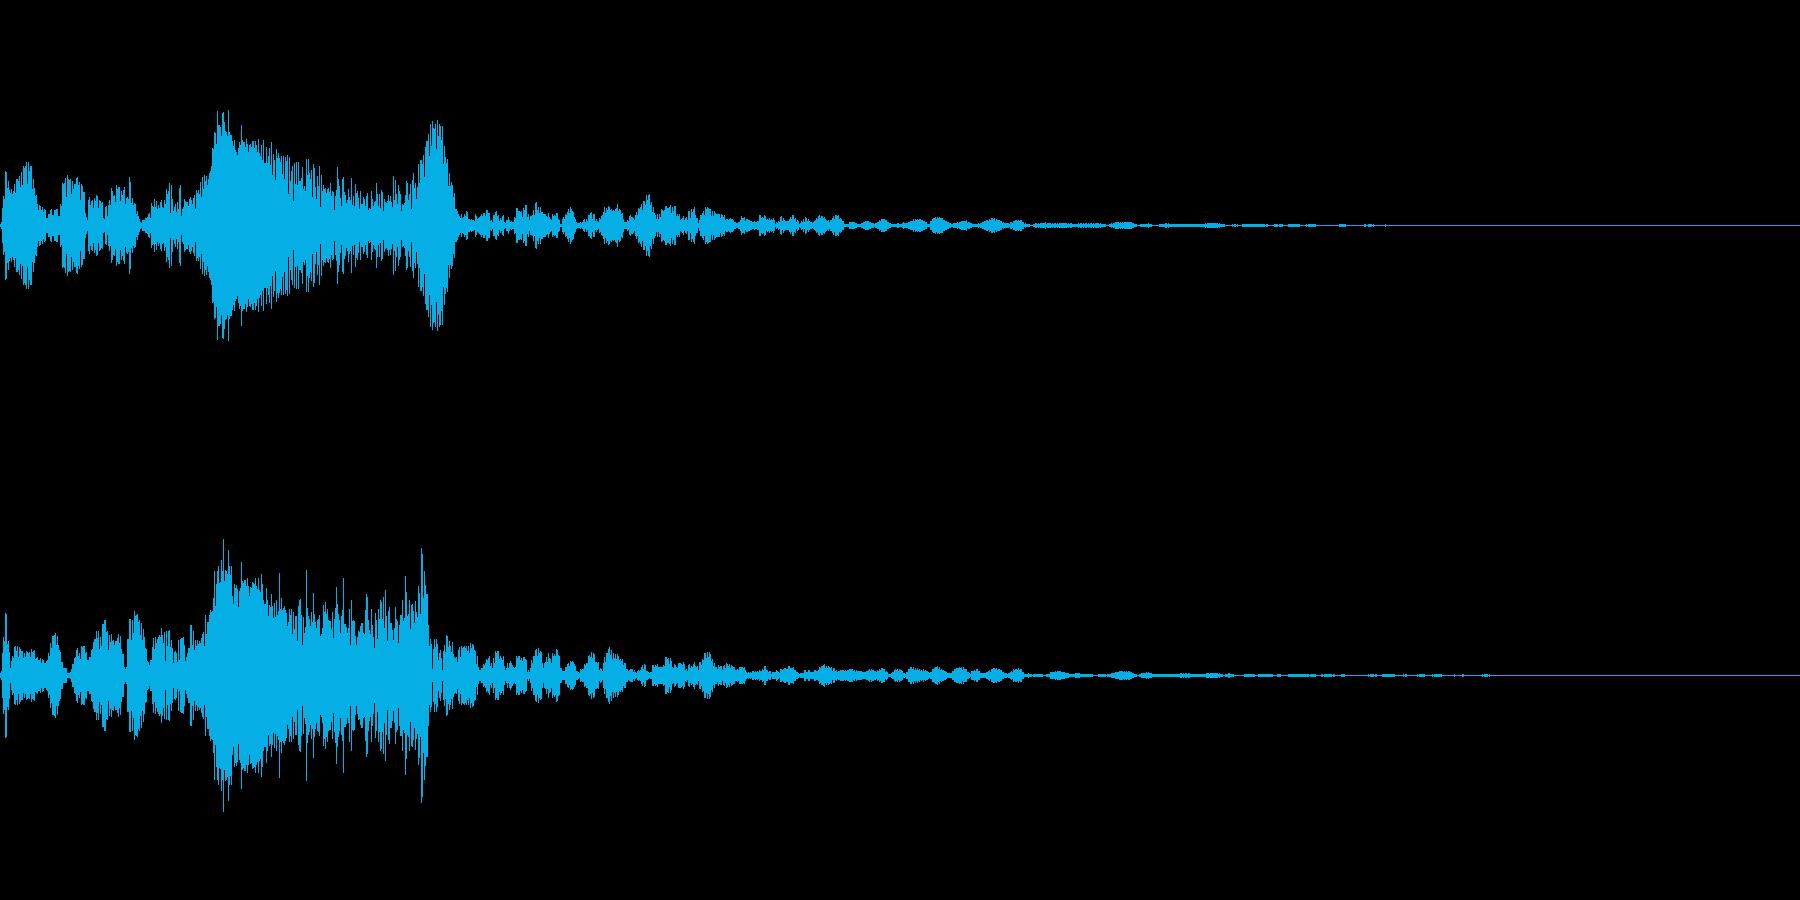 [シュン]キャンセル音の再生済みの波形